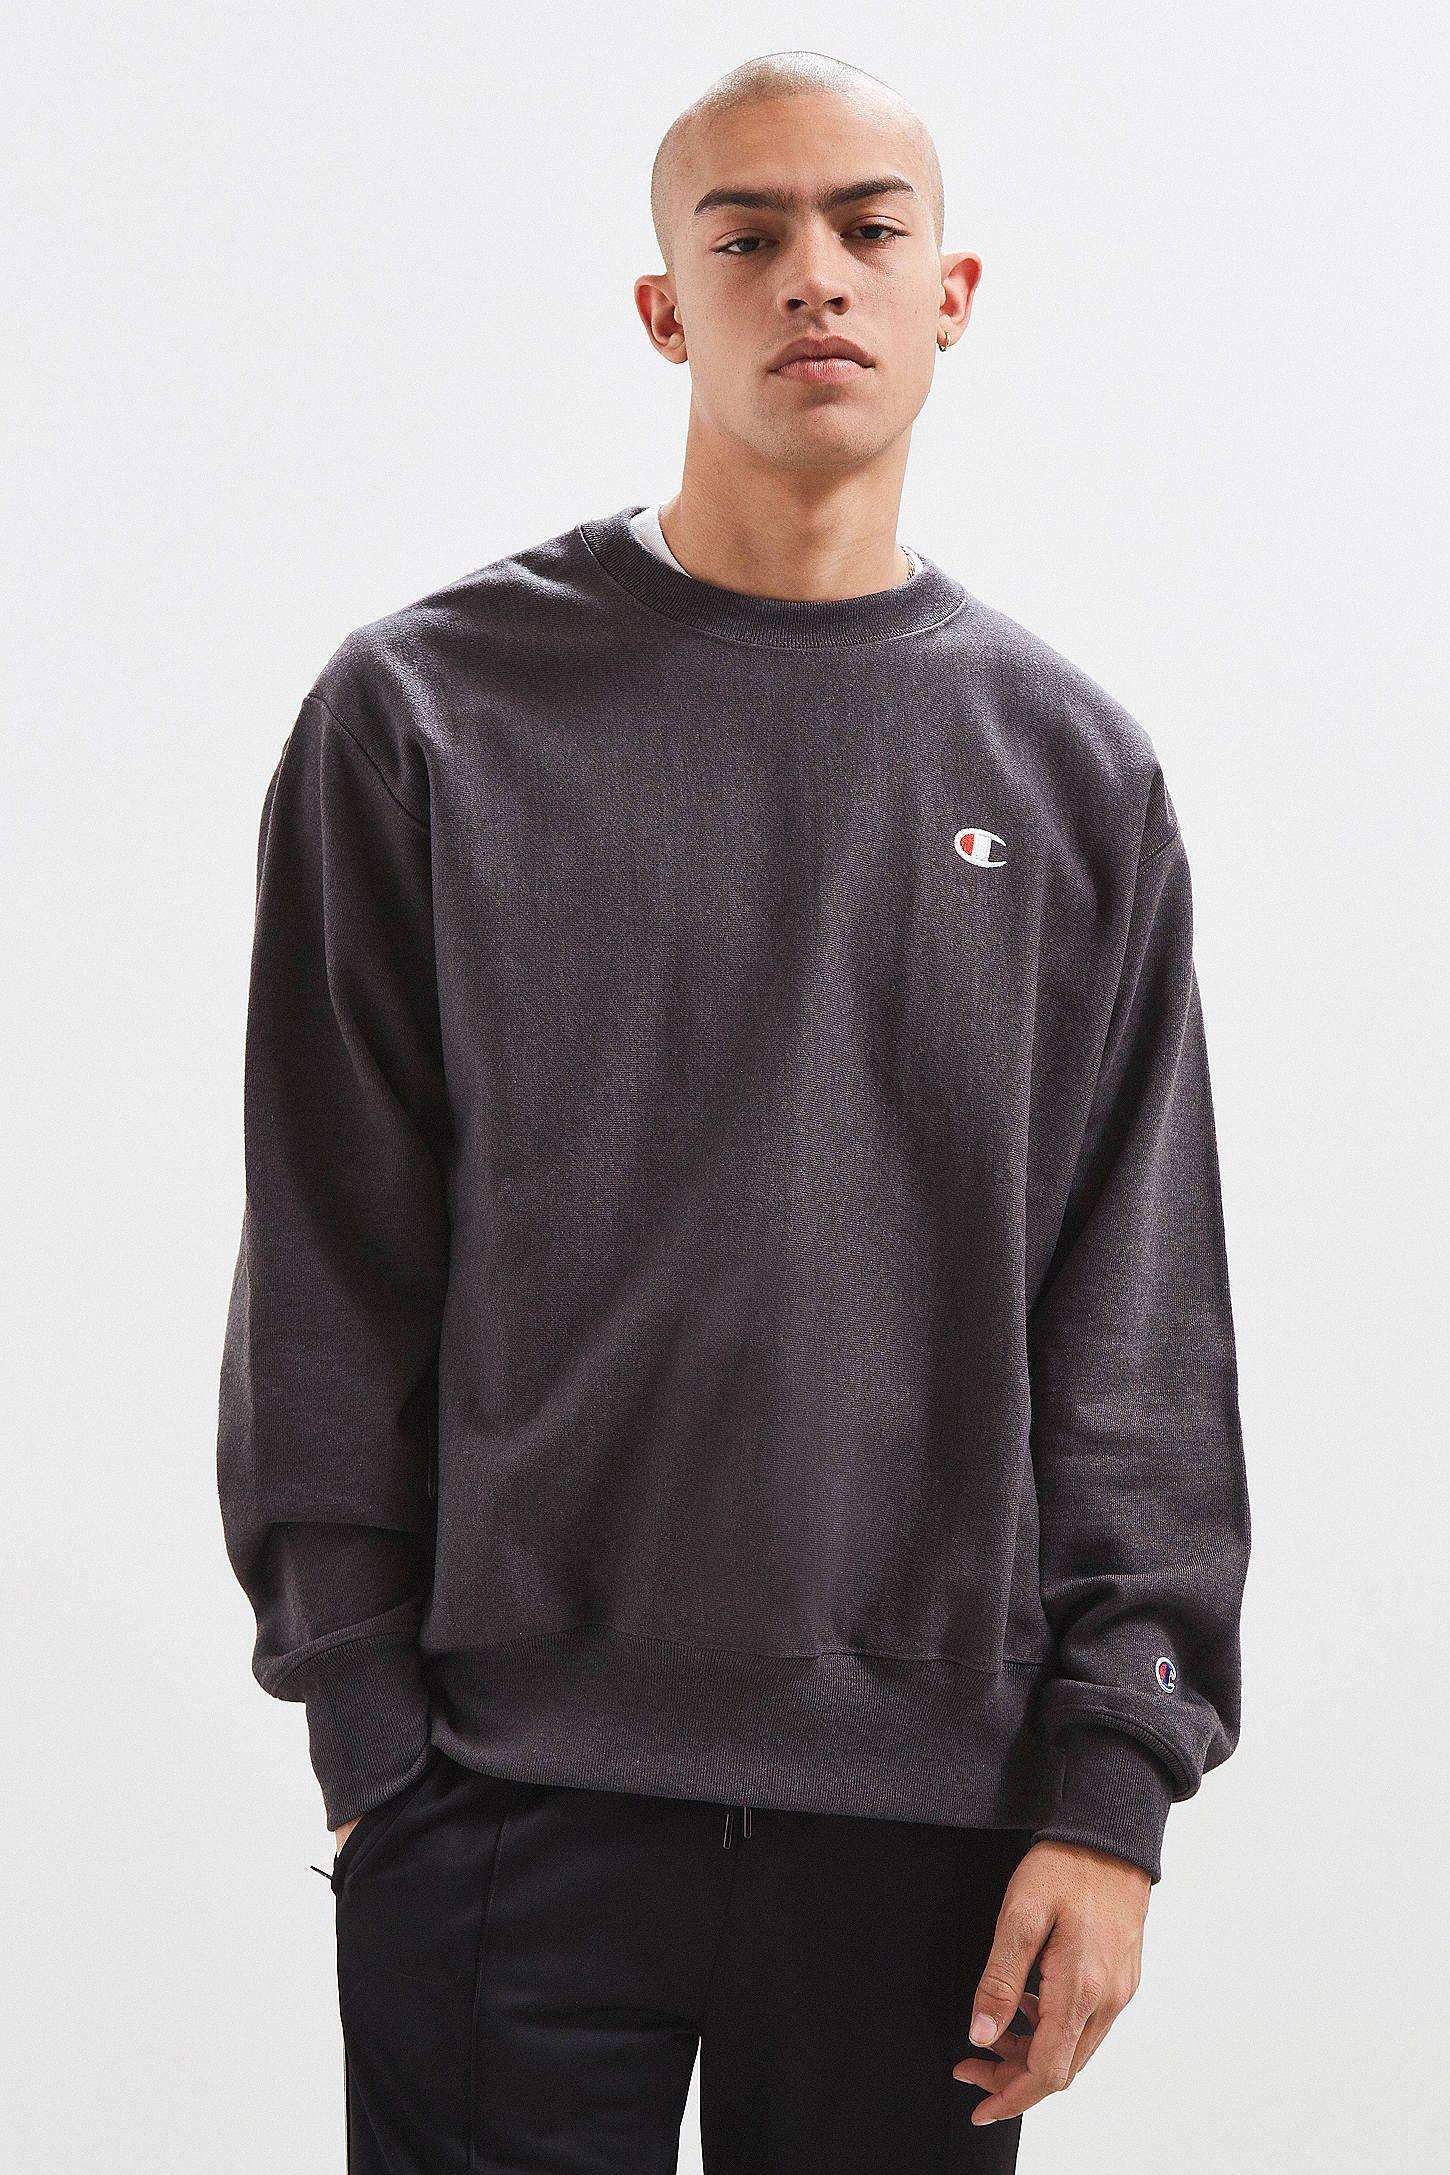 Champion Reverse Weave Fleece Crew Neck Sweatshirt Champion Reverse Weave Crewneck Outfit Men Champion Crewneck Outfit [ 2175 x 1450 Pixel ]